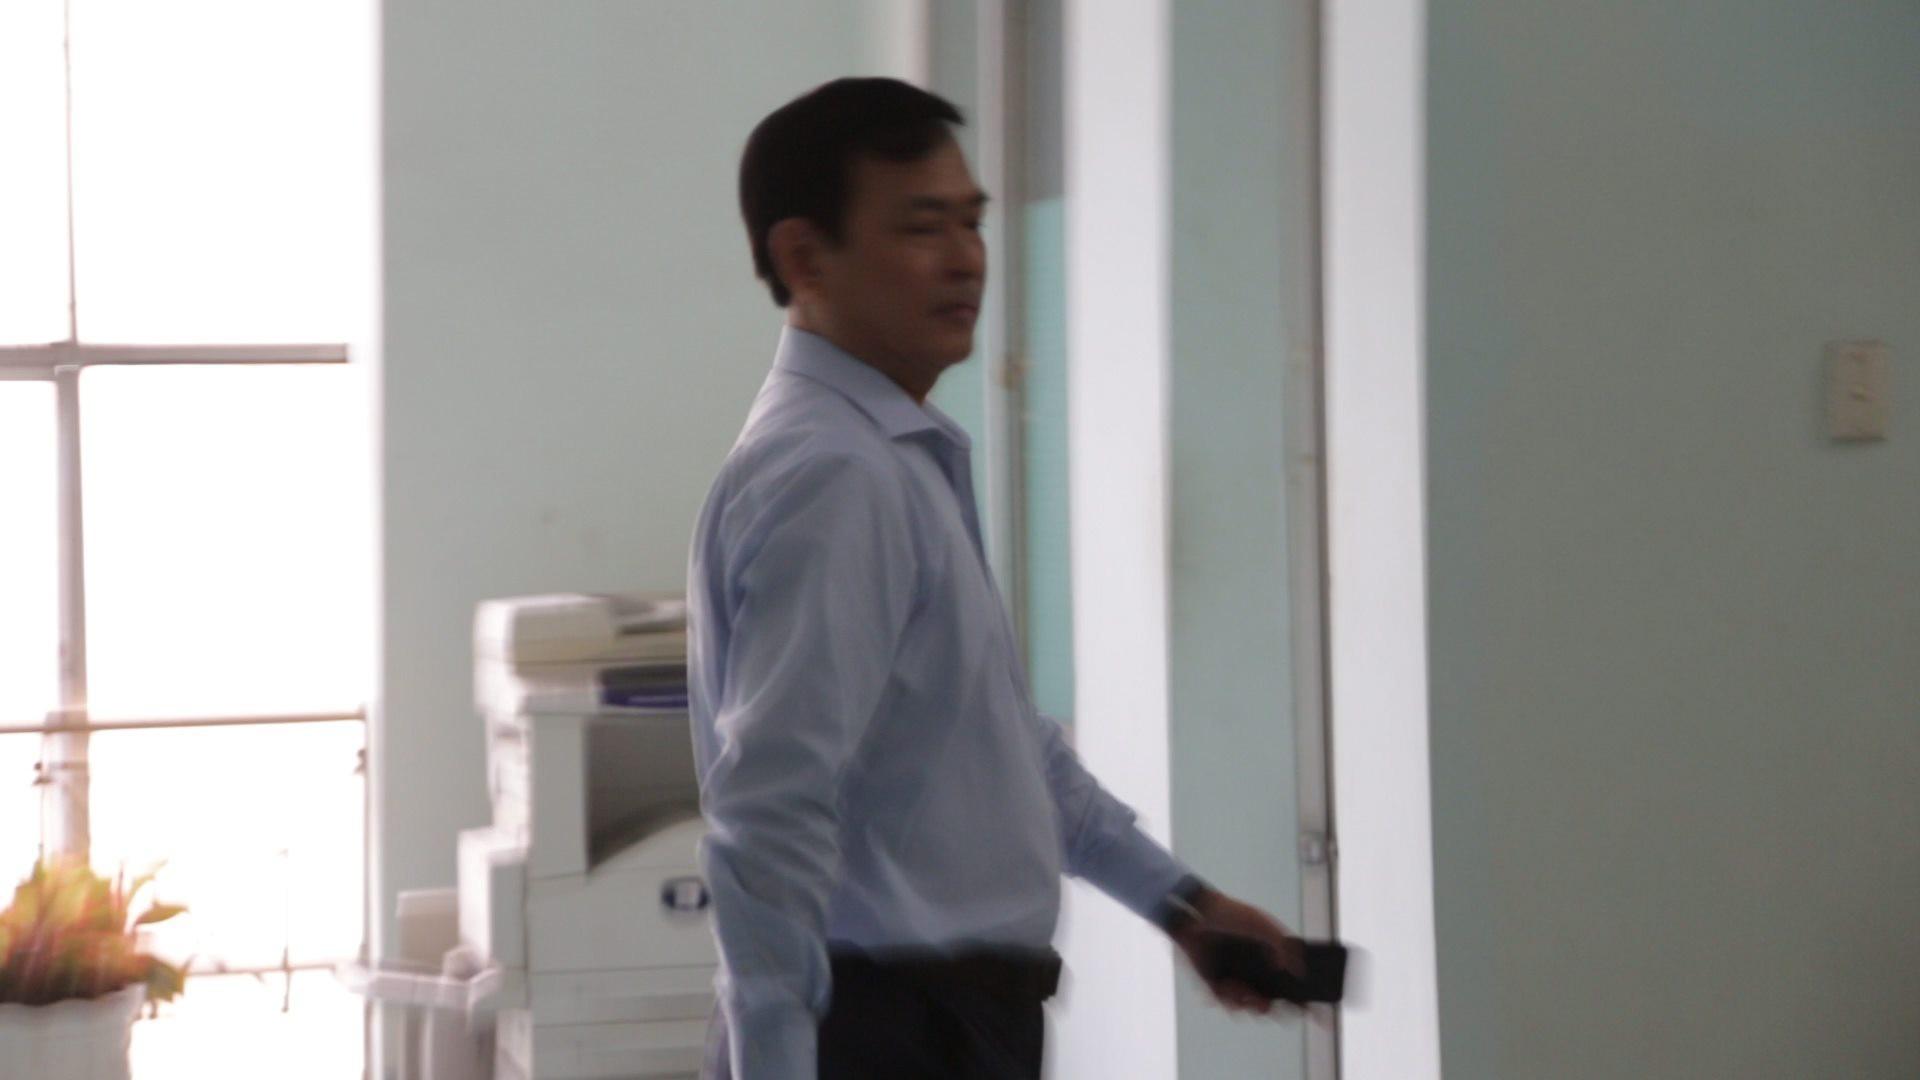 Nguyễn Hữu Linh chính thức bị xét xử tội dâm ô, công an phong tỏa nghiêm ngặt trước tòa án-2